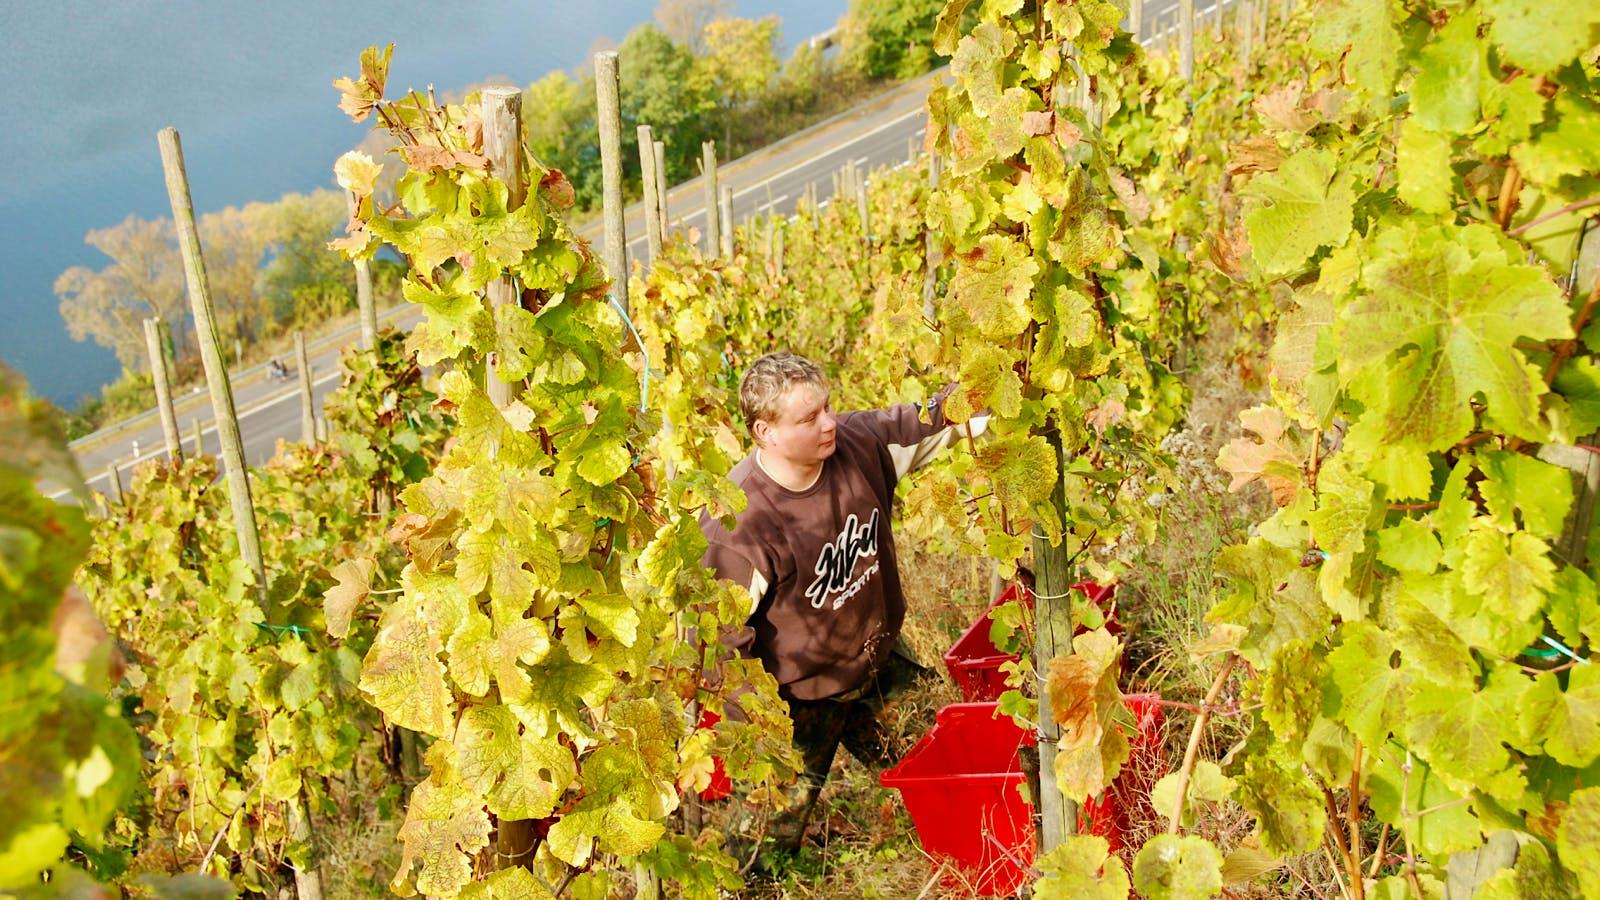 2017 Harvest Report: A Baffling Growing Season Challenges German Vintners